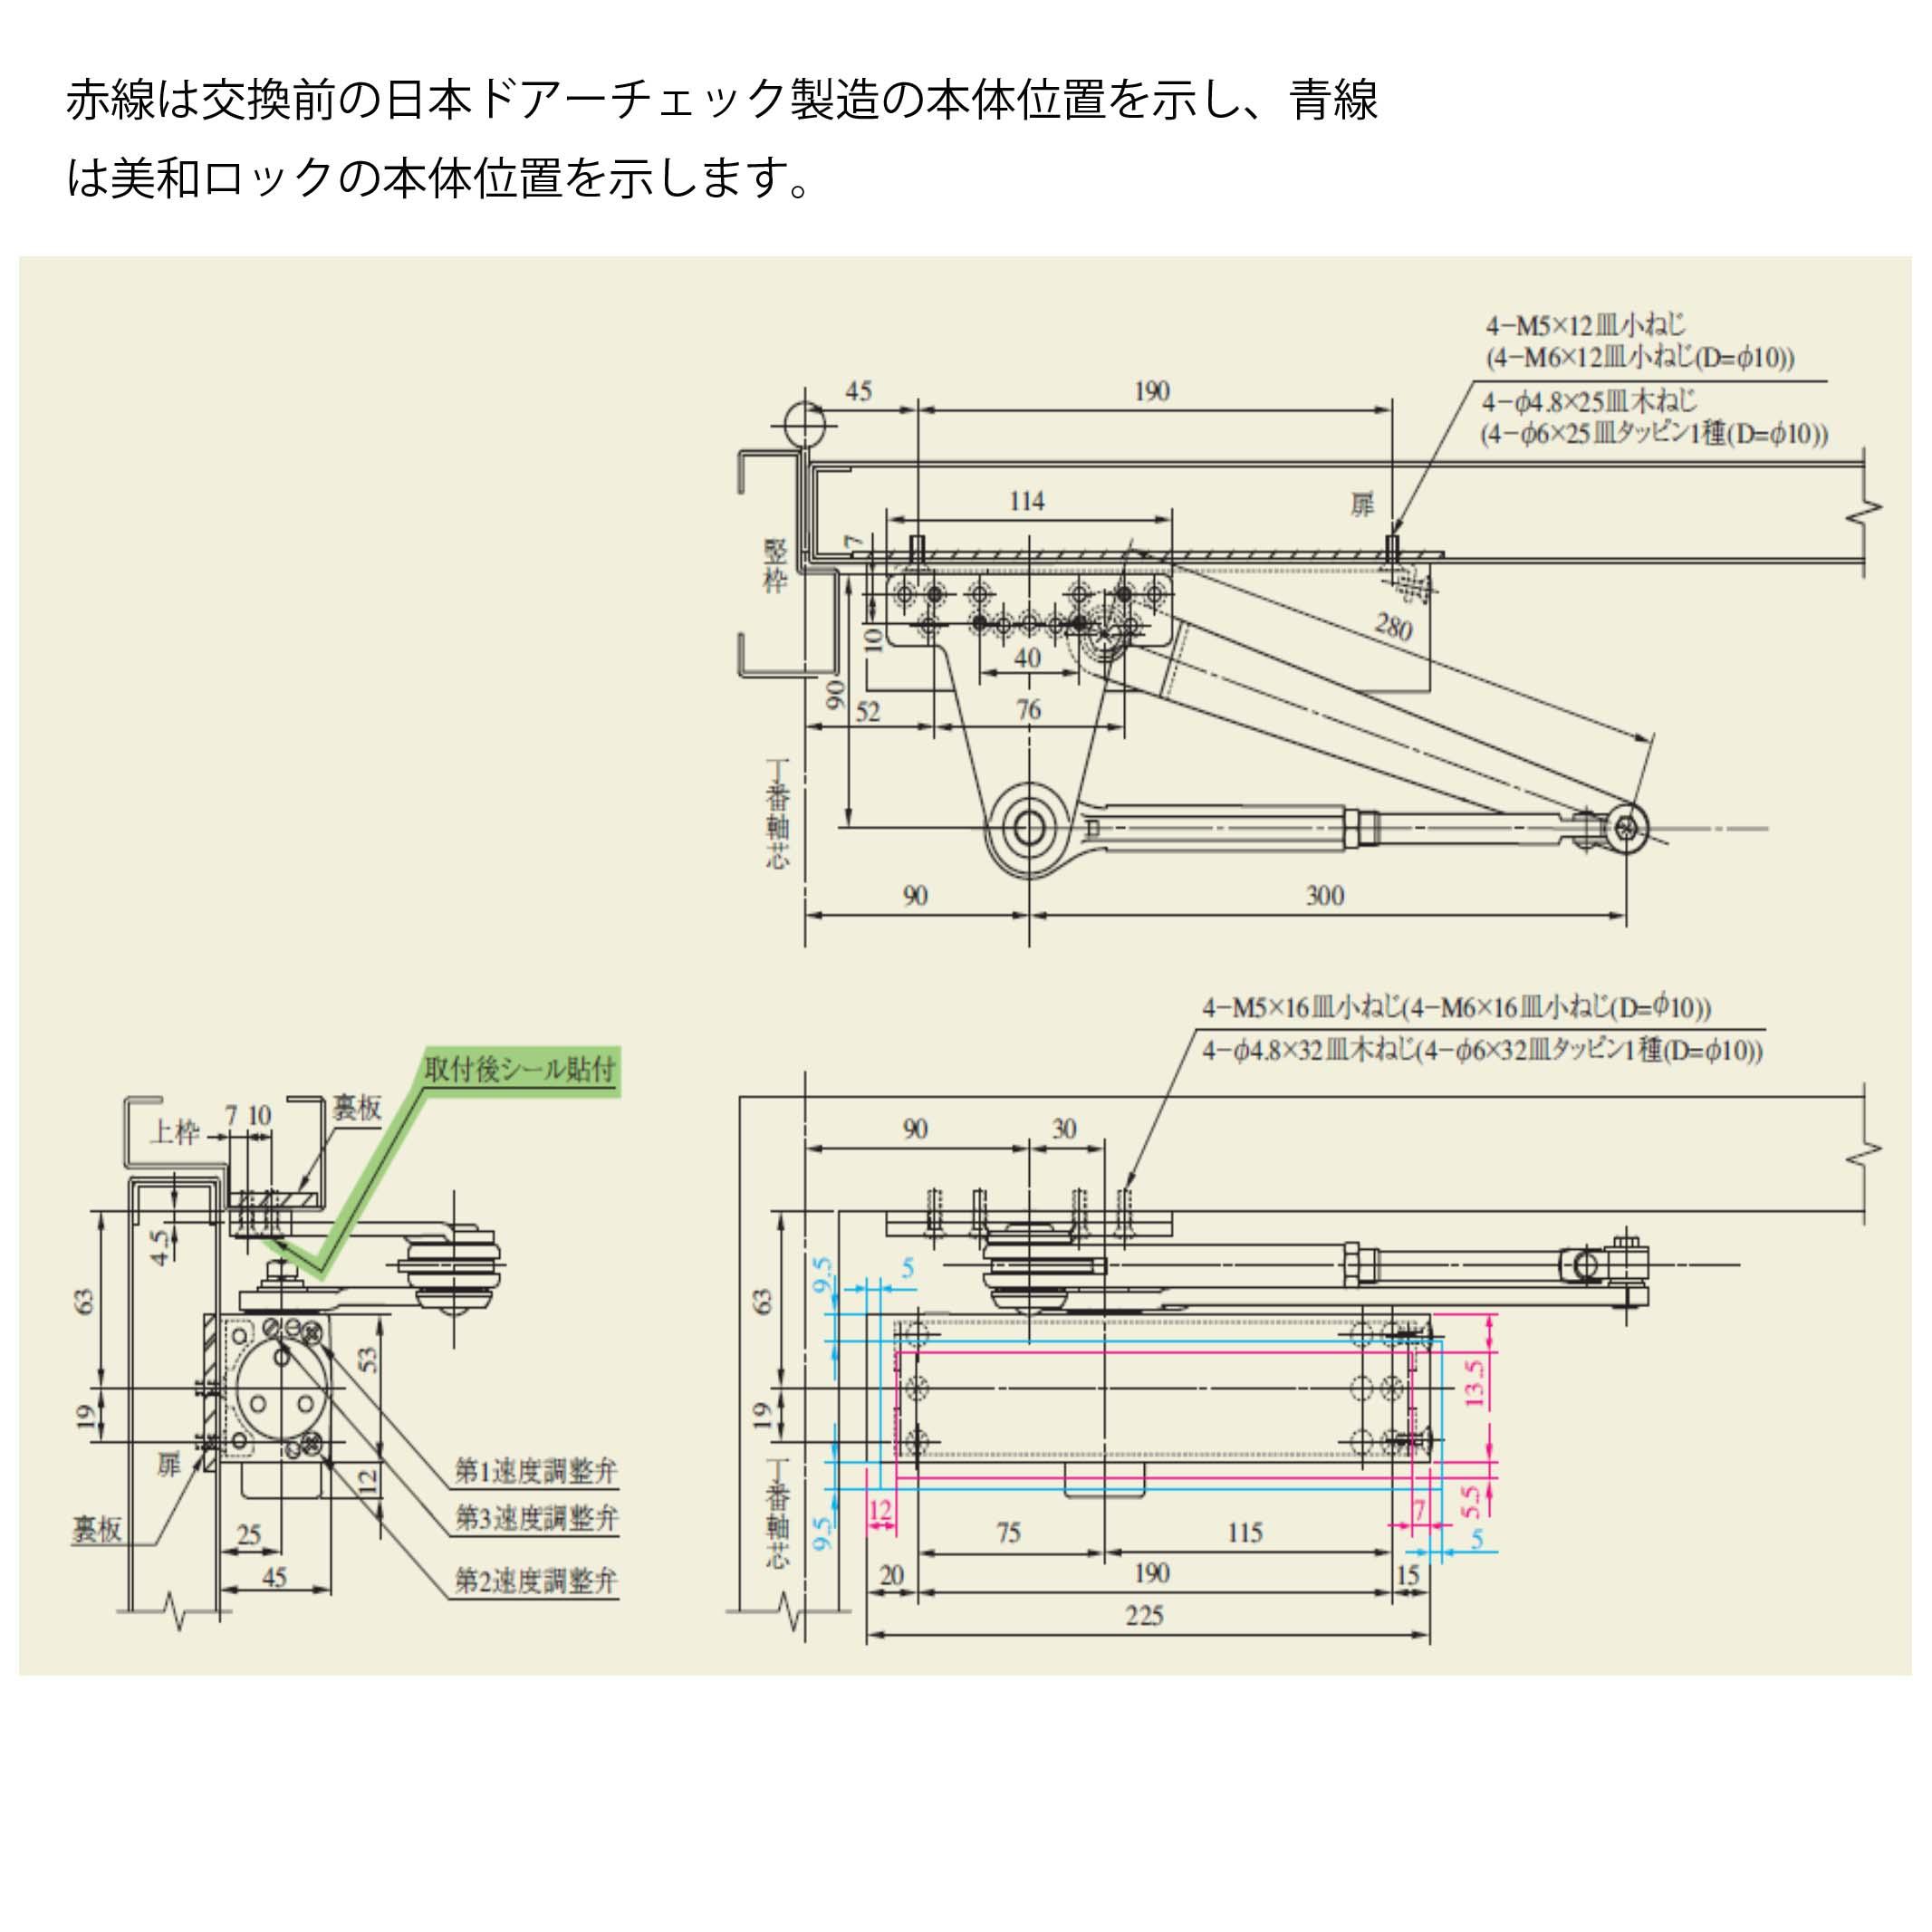 日本ドアーチェック製造㈱ P-82型、P182型及び美和ロック㈱ M802P型、M802PS型から交換の場合